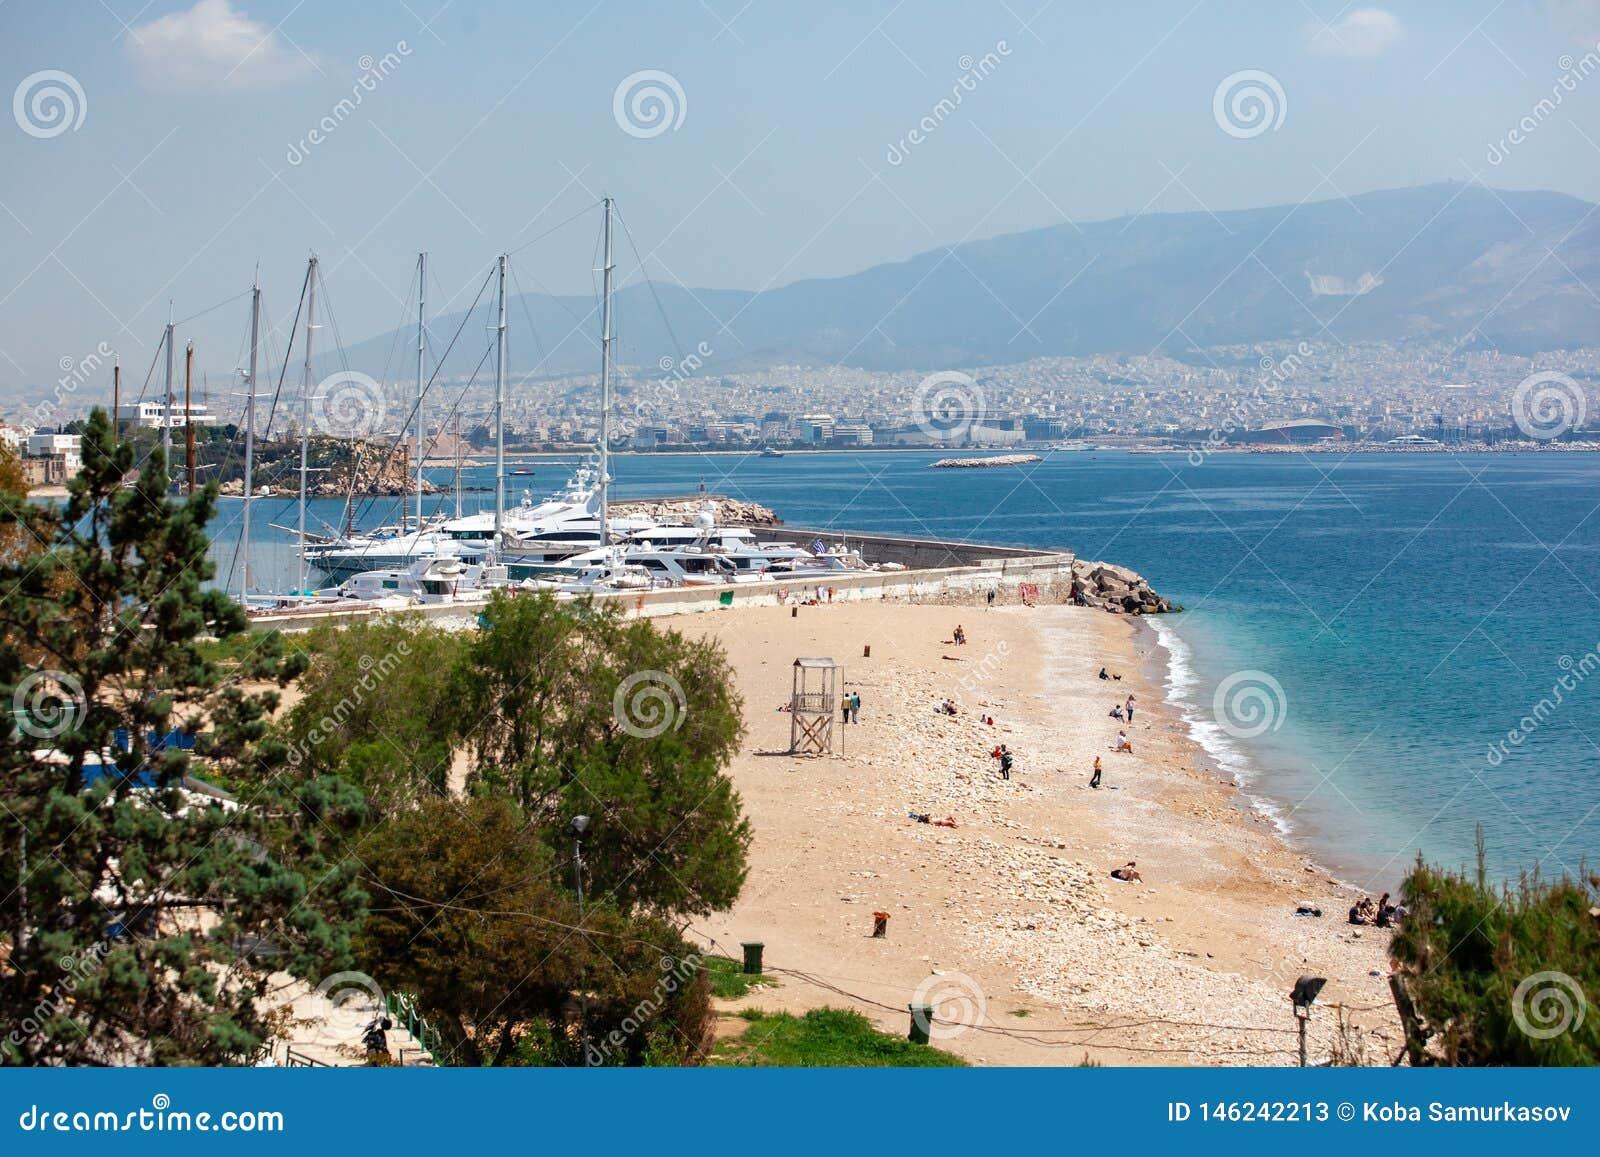 Small sailing boats and yachts docked at port of Piraeus, Greece